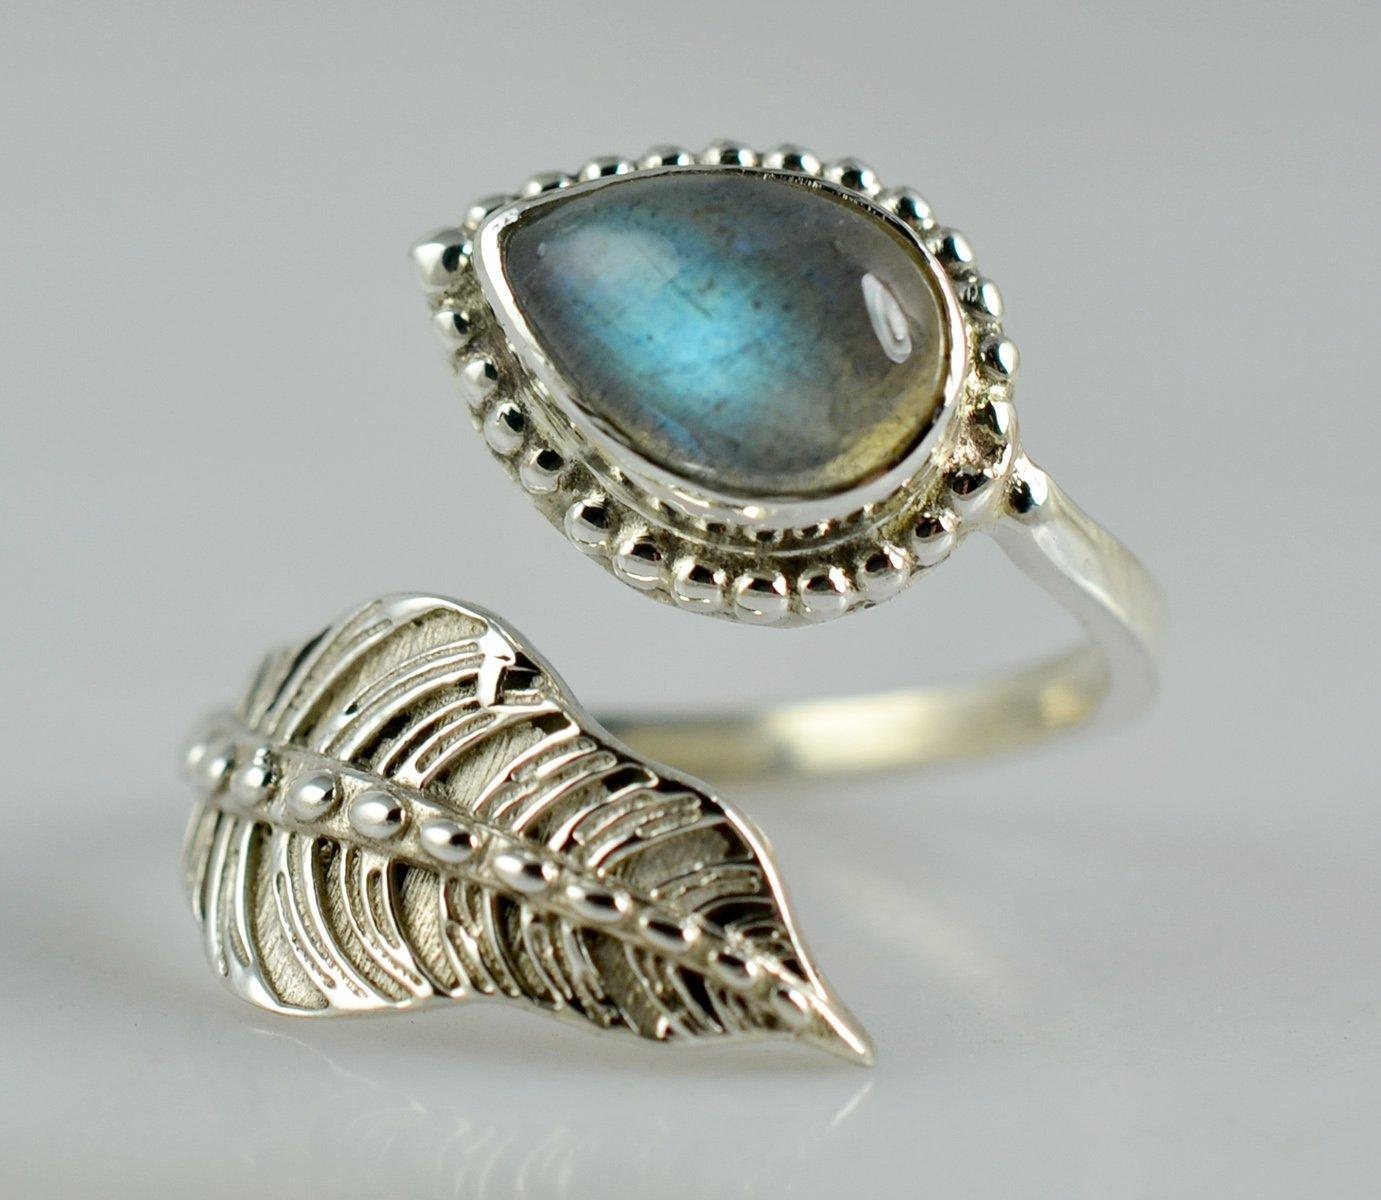 Labradorit Silber Ring 925 Sterling Silber Handgemachter Schmuck Größe 14 bis 22